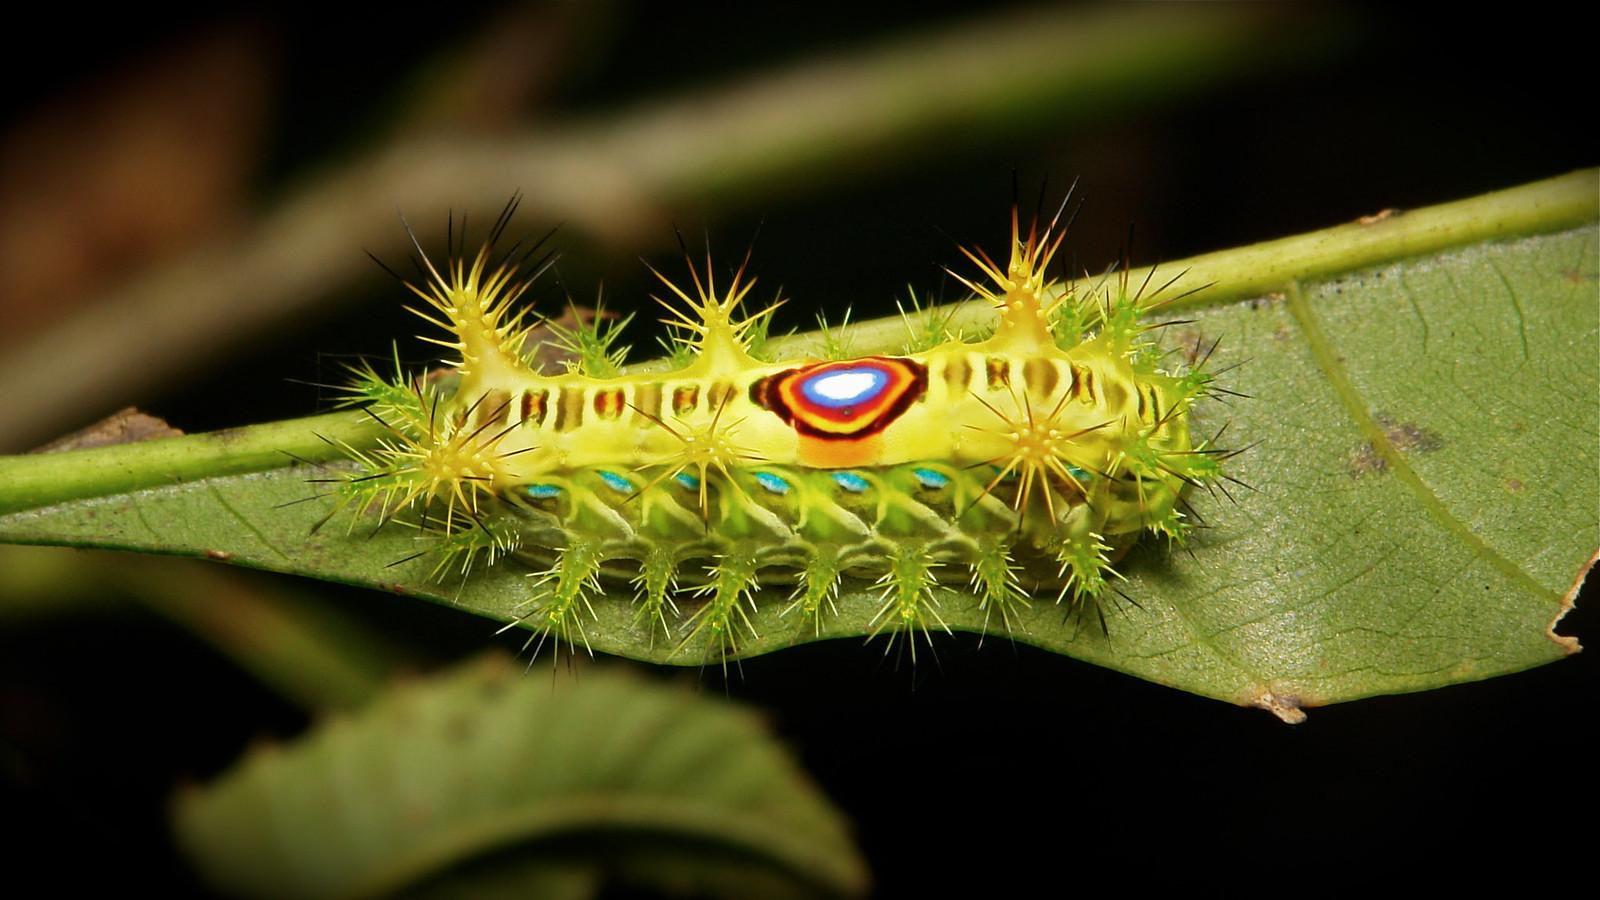 limacodid slug caterpillars cup moths limacodidae flickr